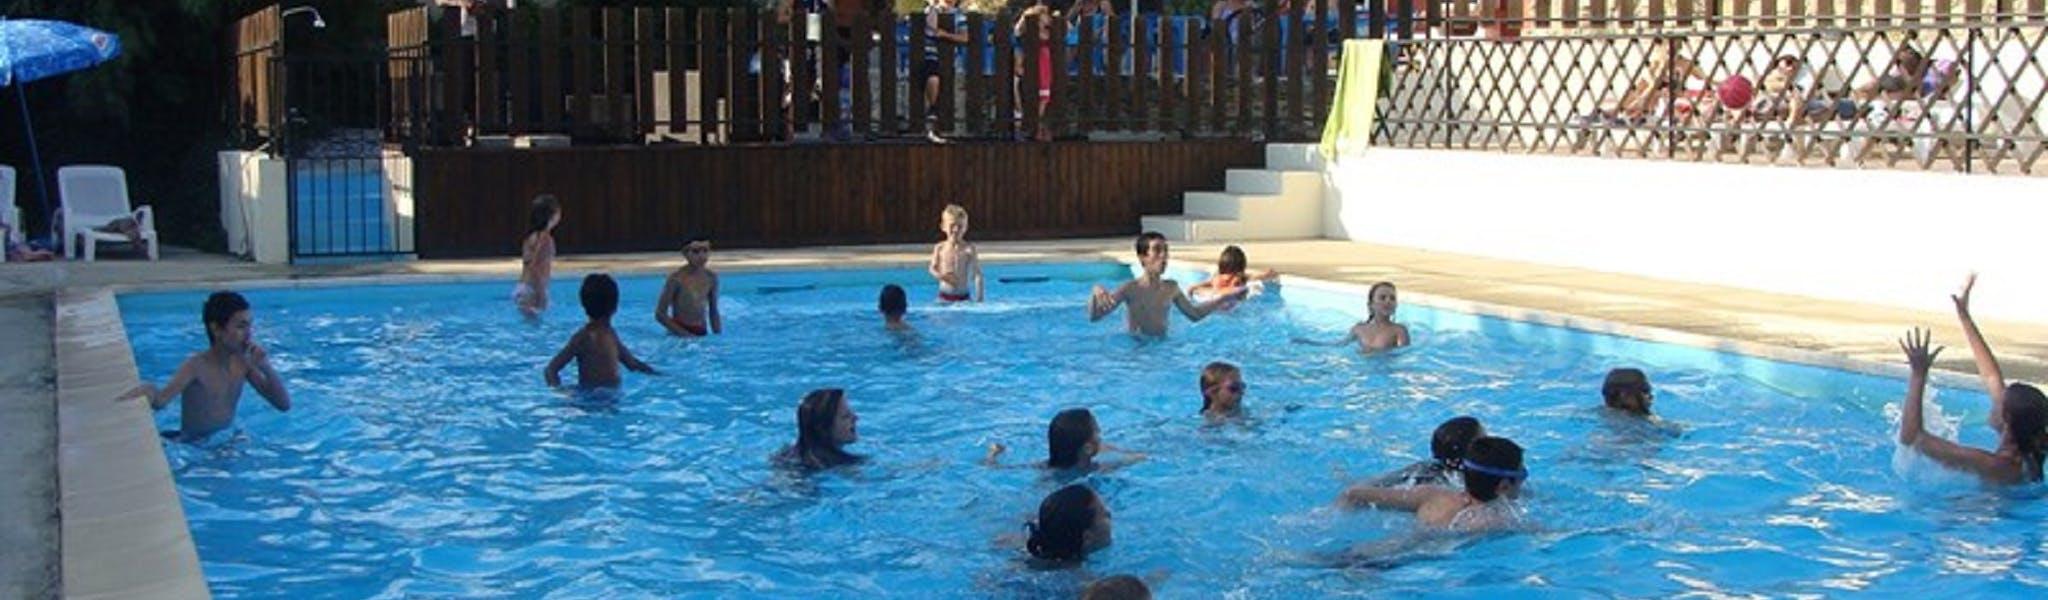 buitenzwembad gautiere